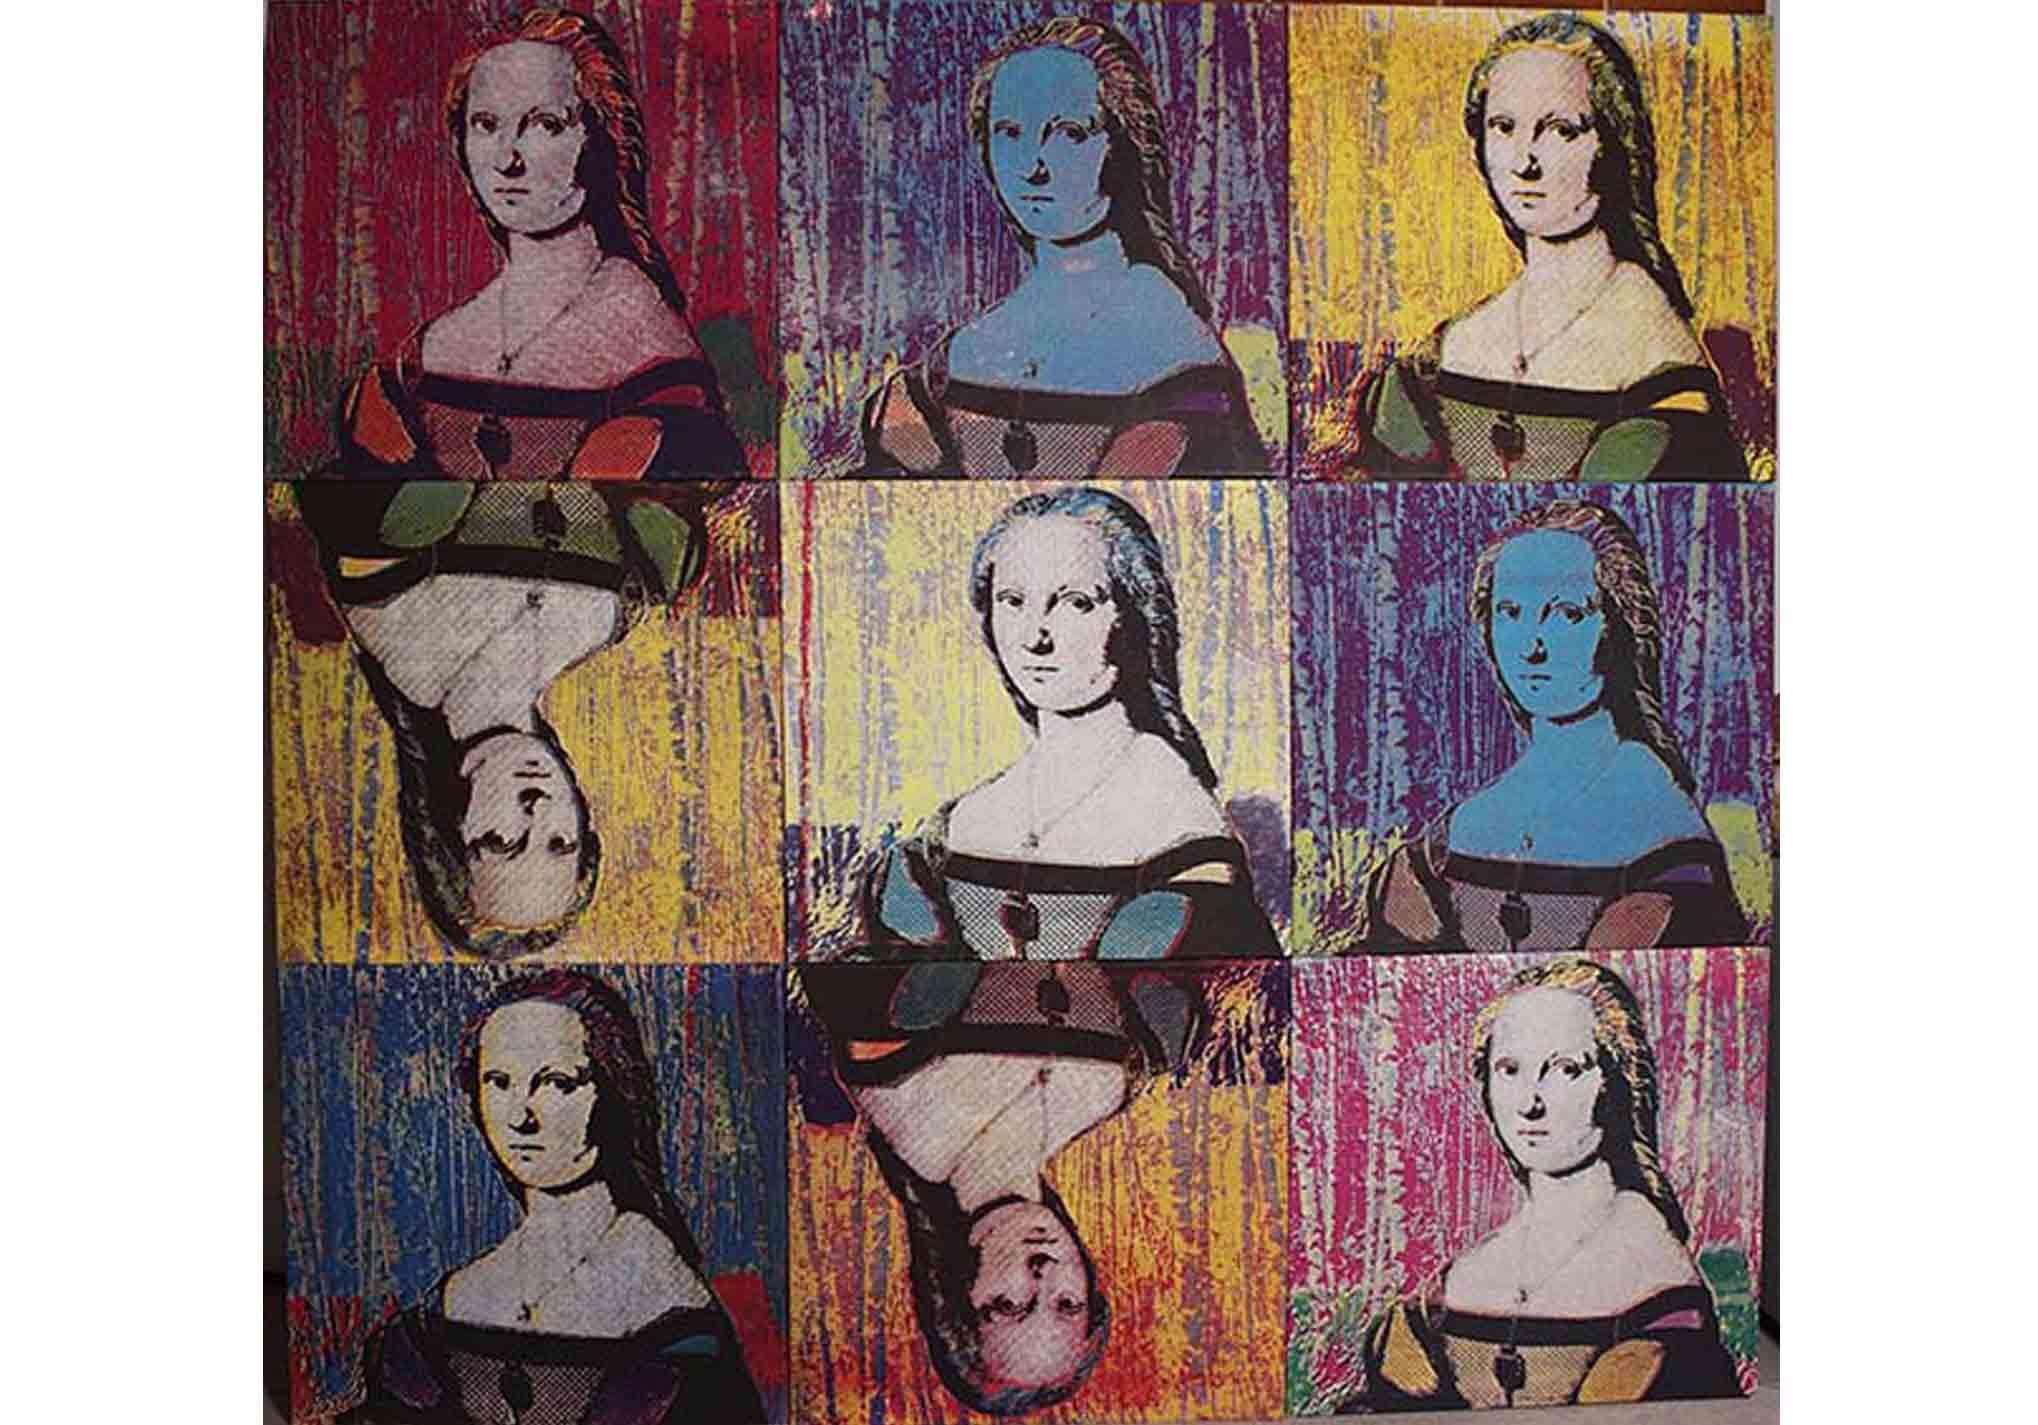 Ann-Kristin-Fleischhauer-Madonna-2-Mt-Galerie